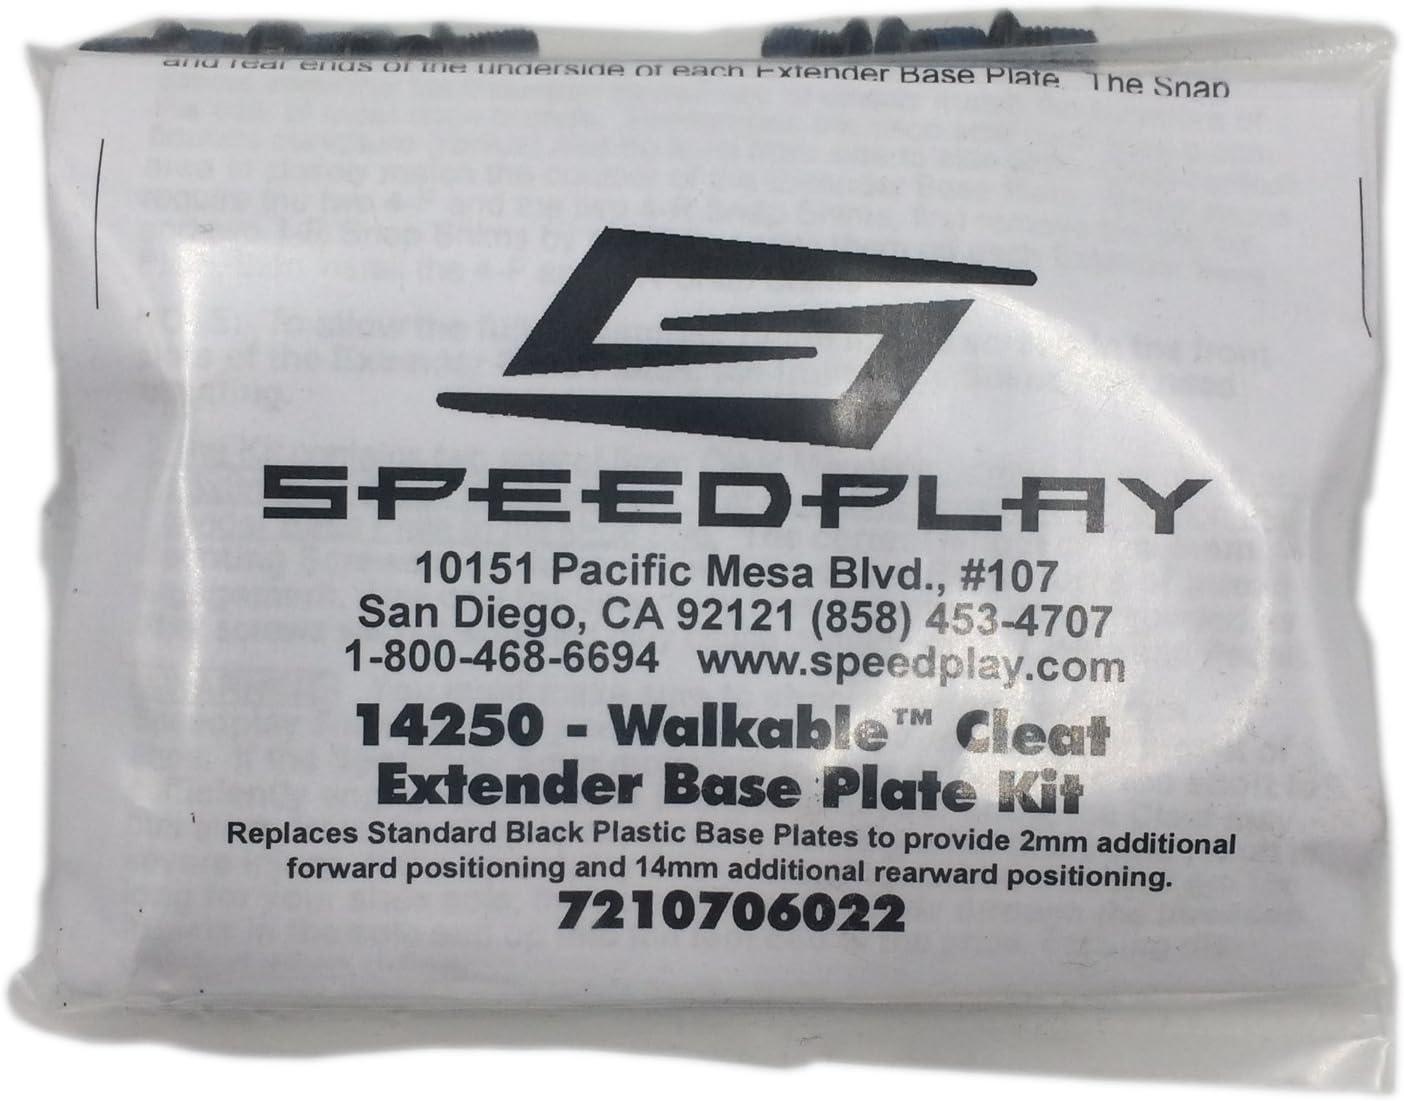 Speedplay Aero Walkable Cleat Extender Base Plate Kit